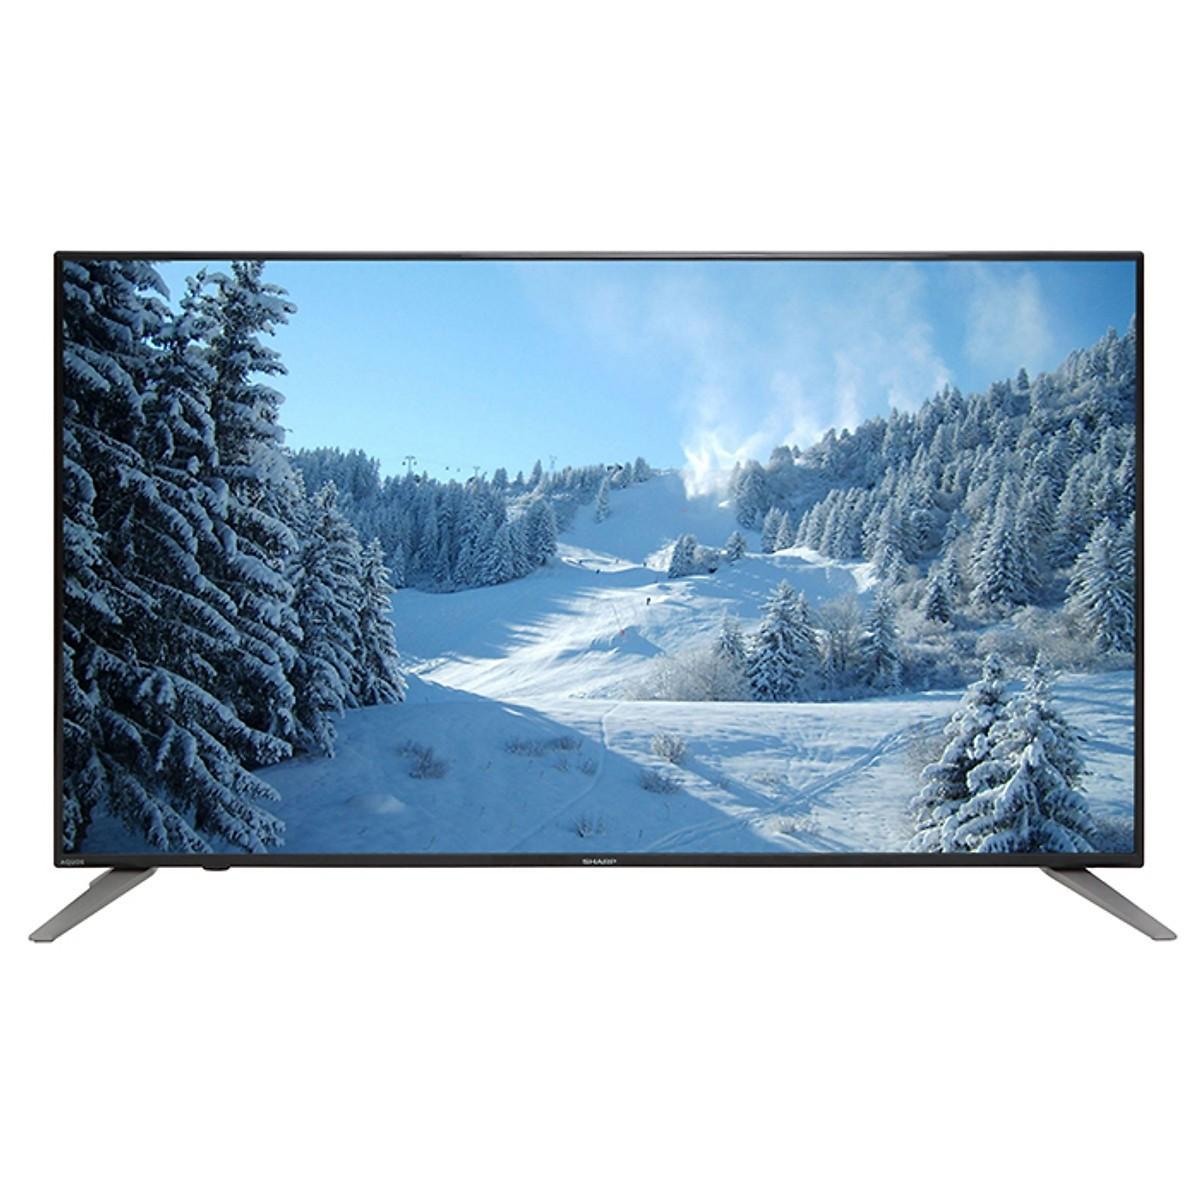 Bảng giá TIVI LED SHARP 2T-C40AE1X - Hàng chính hãng - Độ phân giải Full HD, Công nghệ âm thanh Bass Enhancer cho âm thanh sống động - Bảo hành 1 năm